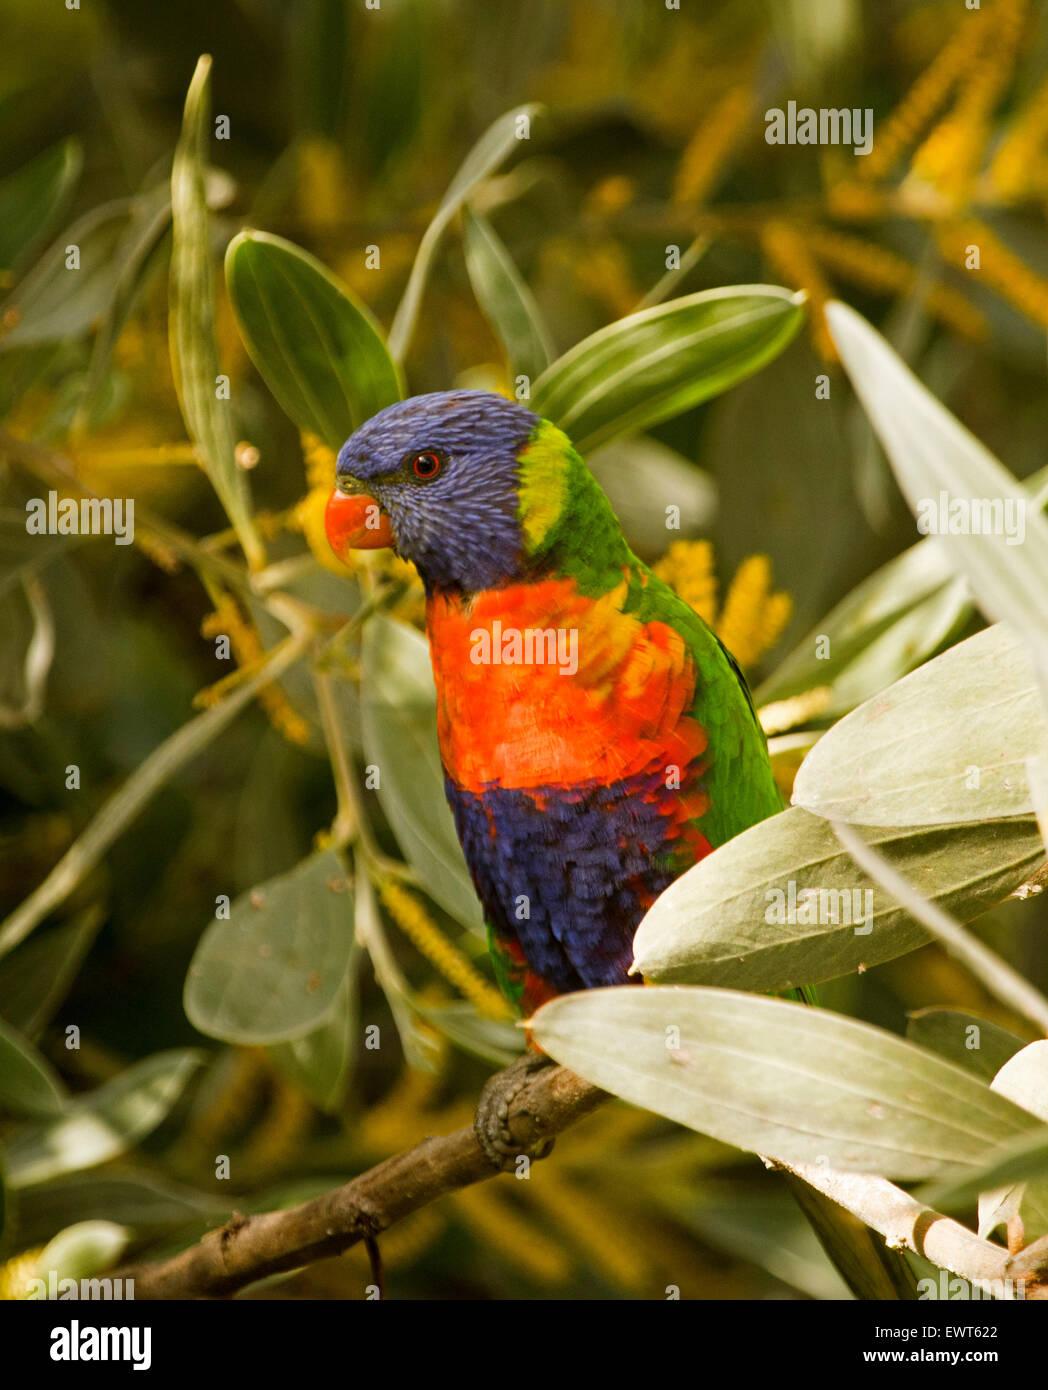 Rainbow lorikeet, Trichoglossus haematodus colorido loro australiano entre flores y follajes de árboles de acacia de terciopelo en jardín urbano Foto de stock